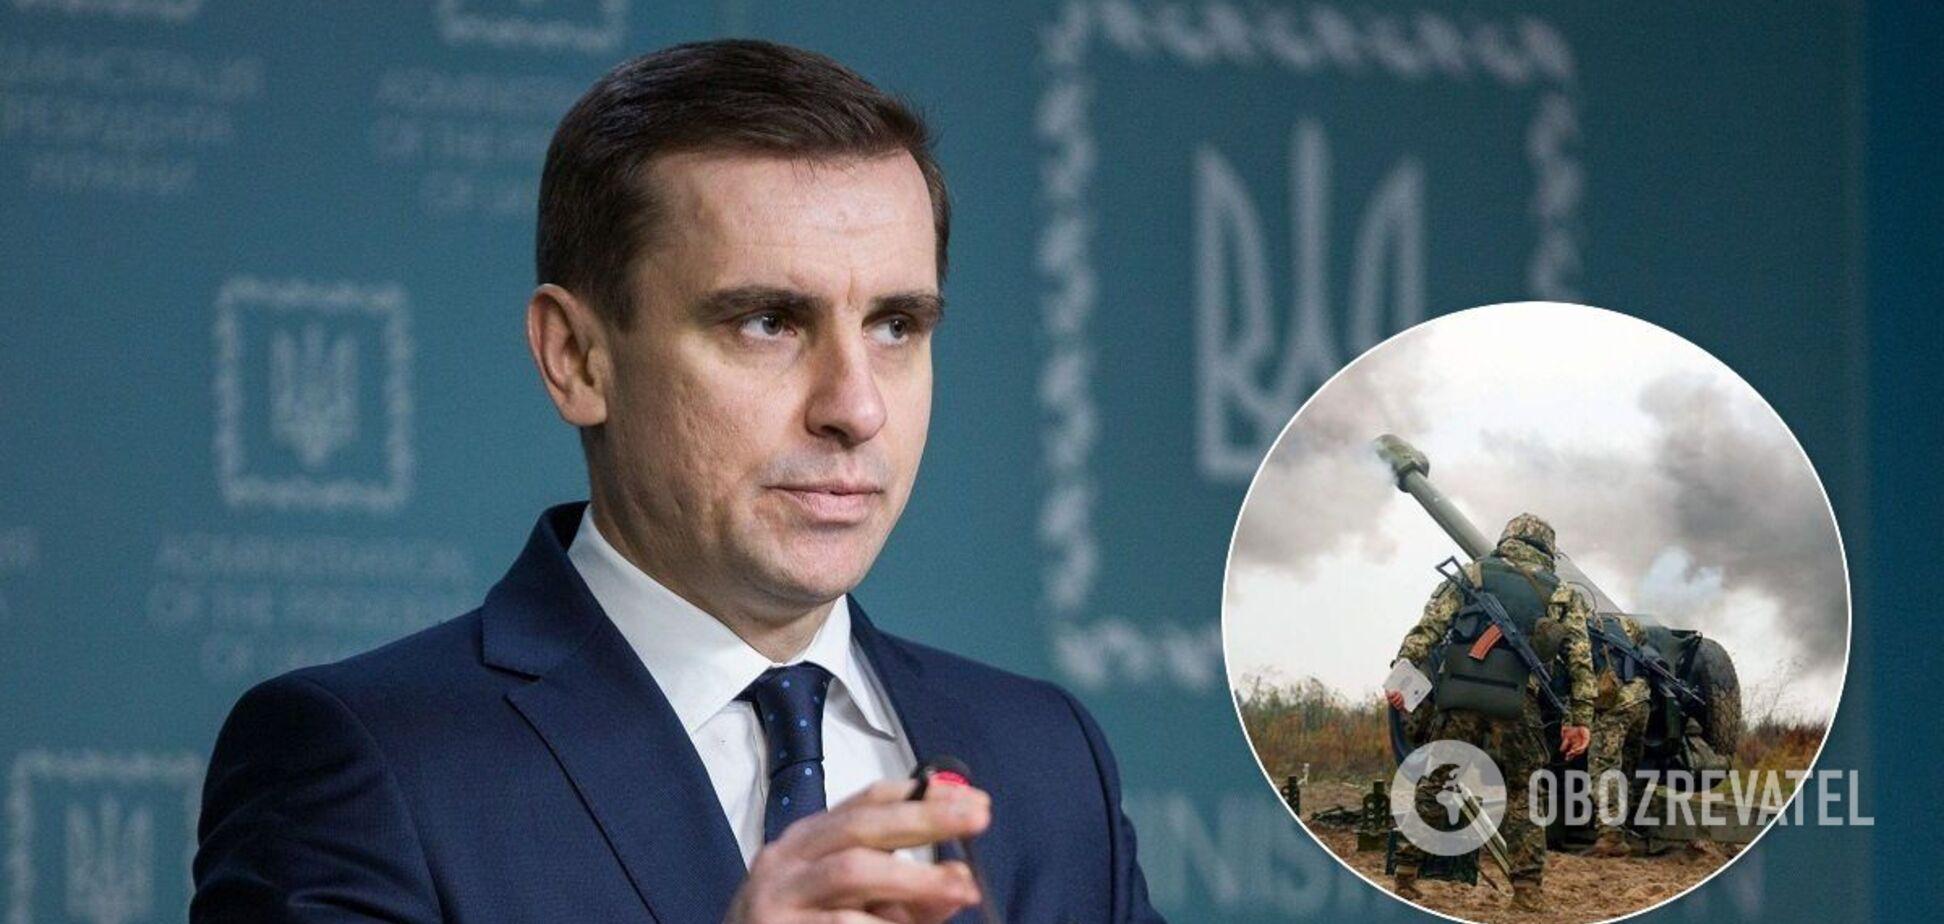 Елисеев рассказал, как должна измениться позиция Украины в переговорах по Донбассу